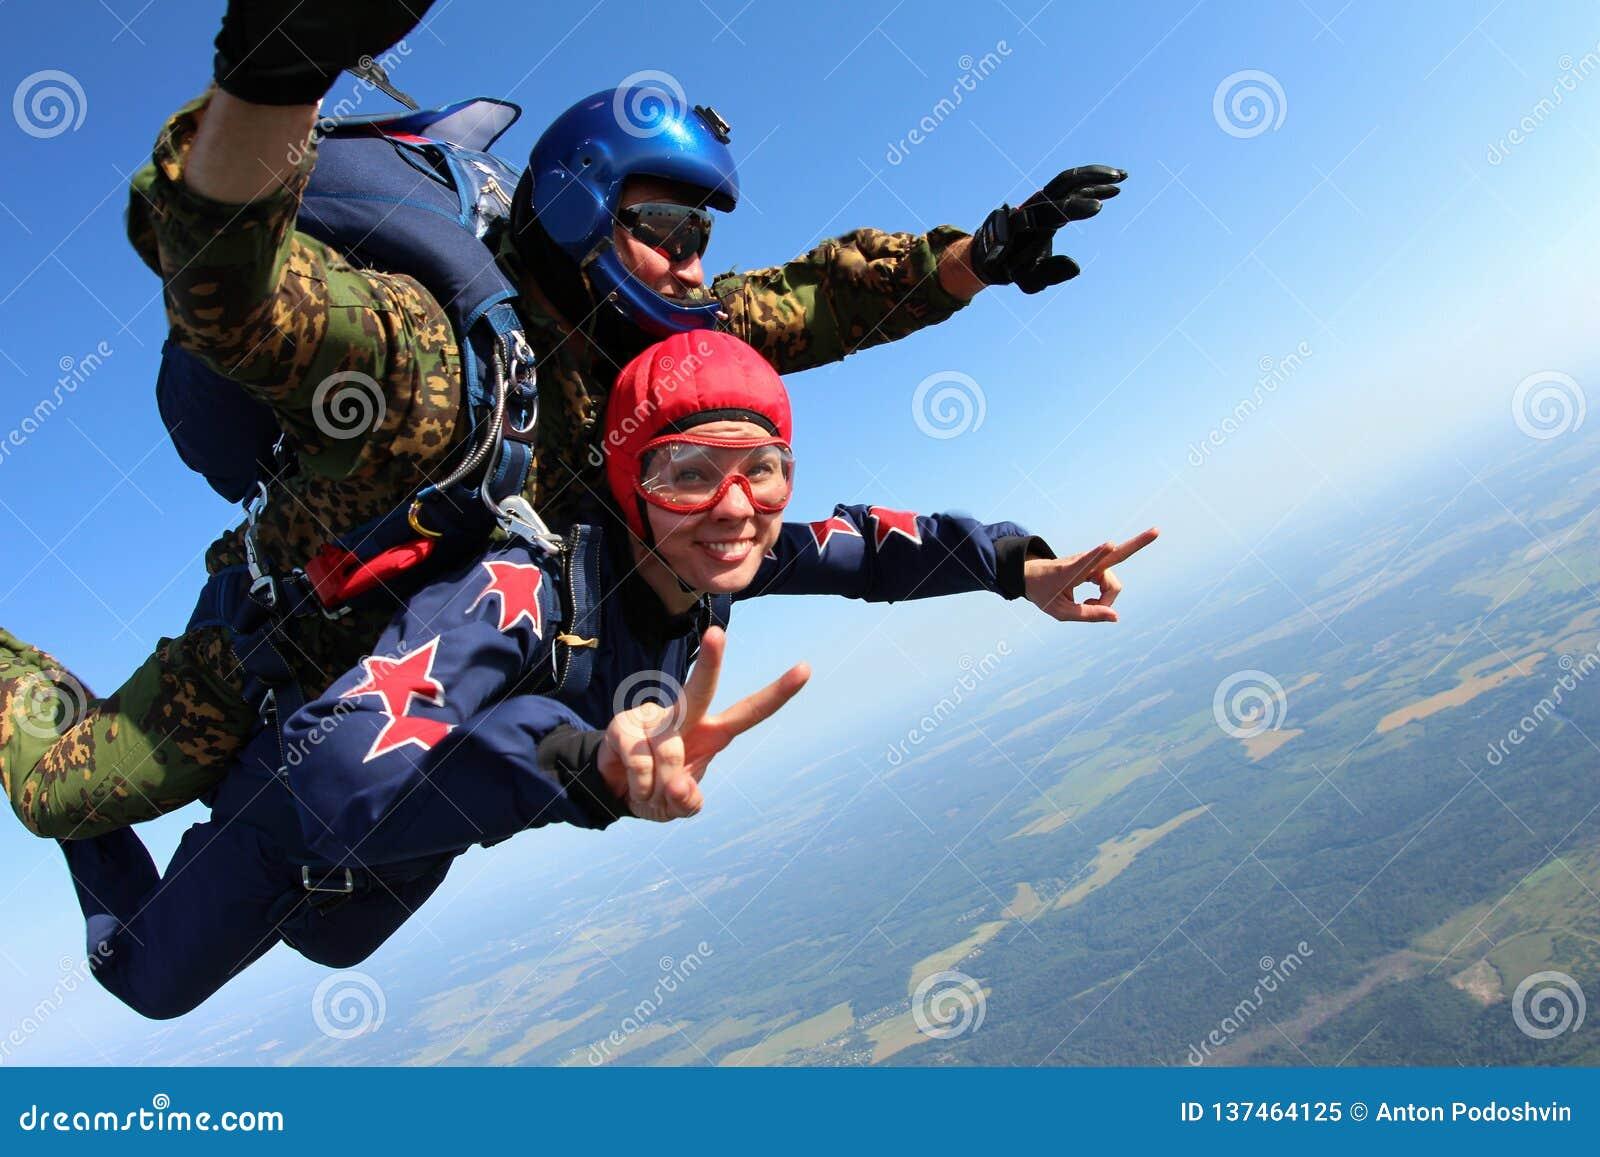 Η ελεύθερη πτώση με αλεξίπτωτο διαδοχική πέφτει στο μπλε ουρανό